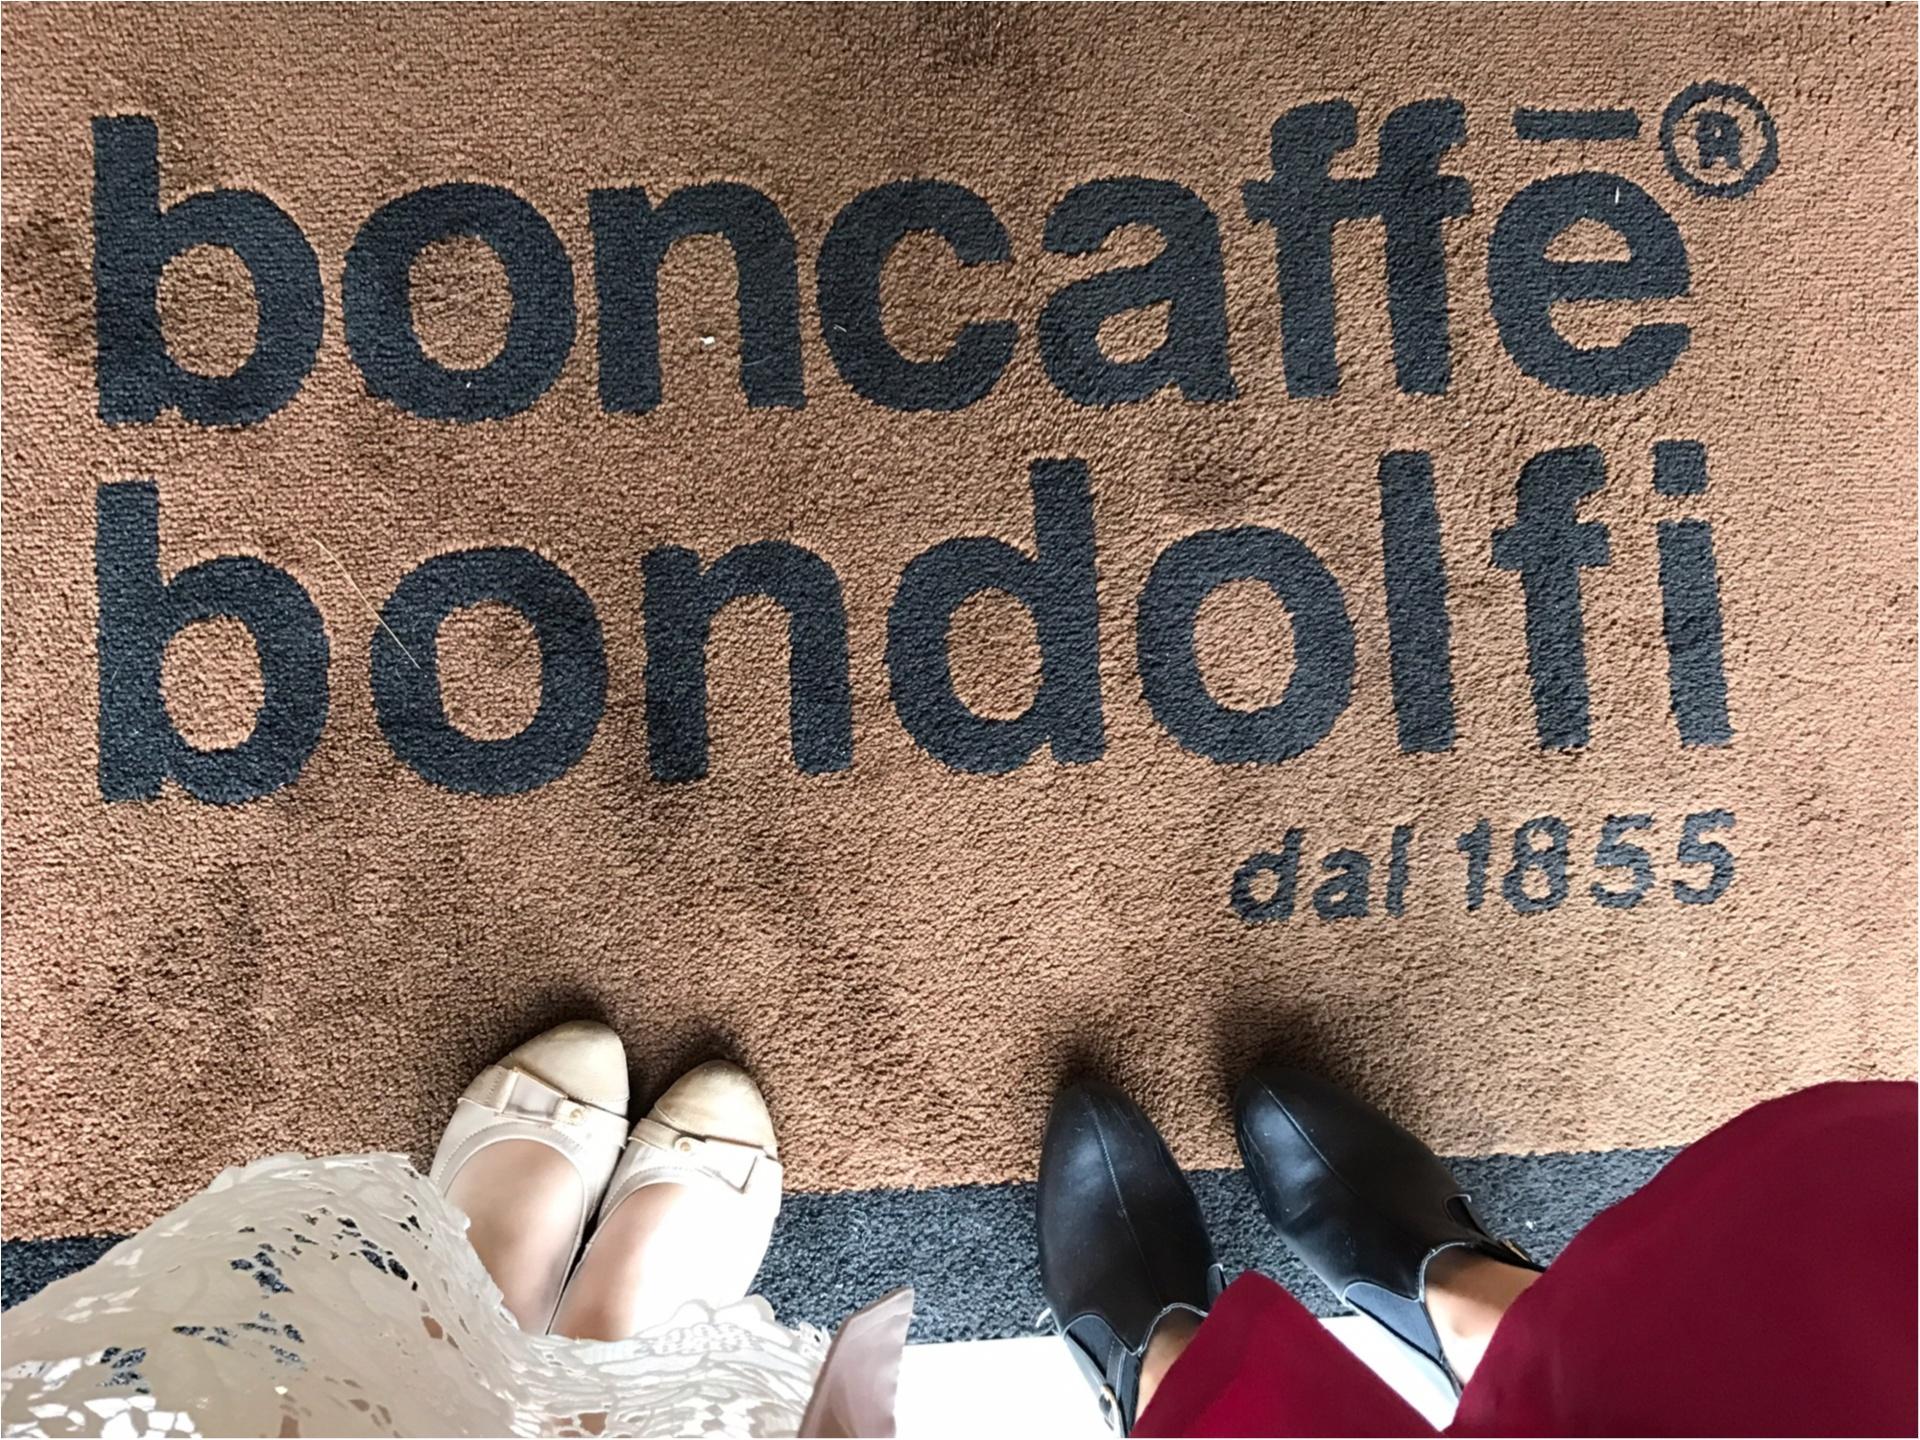 ★この時期オススメ、桜スイーツ♡ピンクな見た目がCUTEなソフトクリームは『bondolfi boncaffe』で楽しみましょう★_2